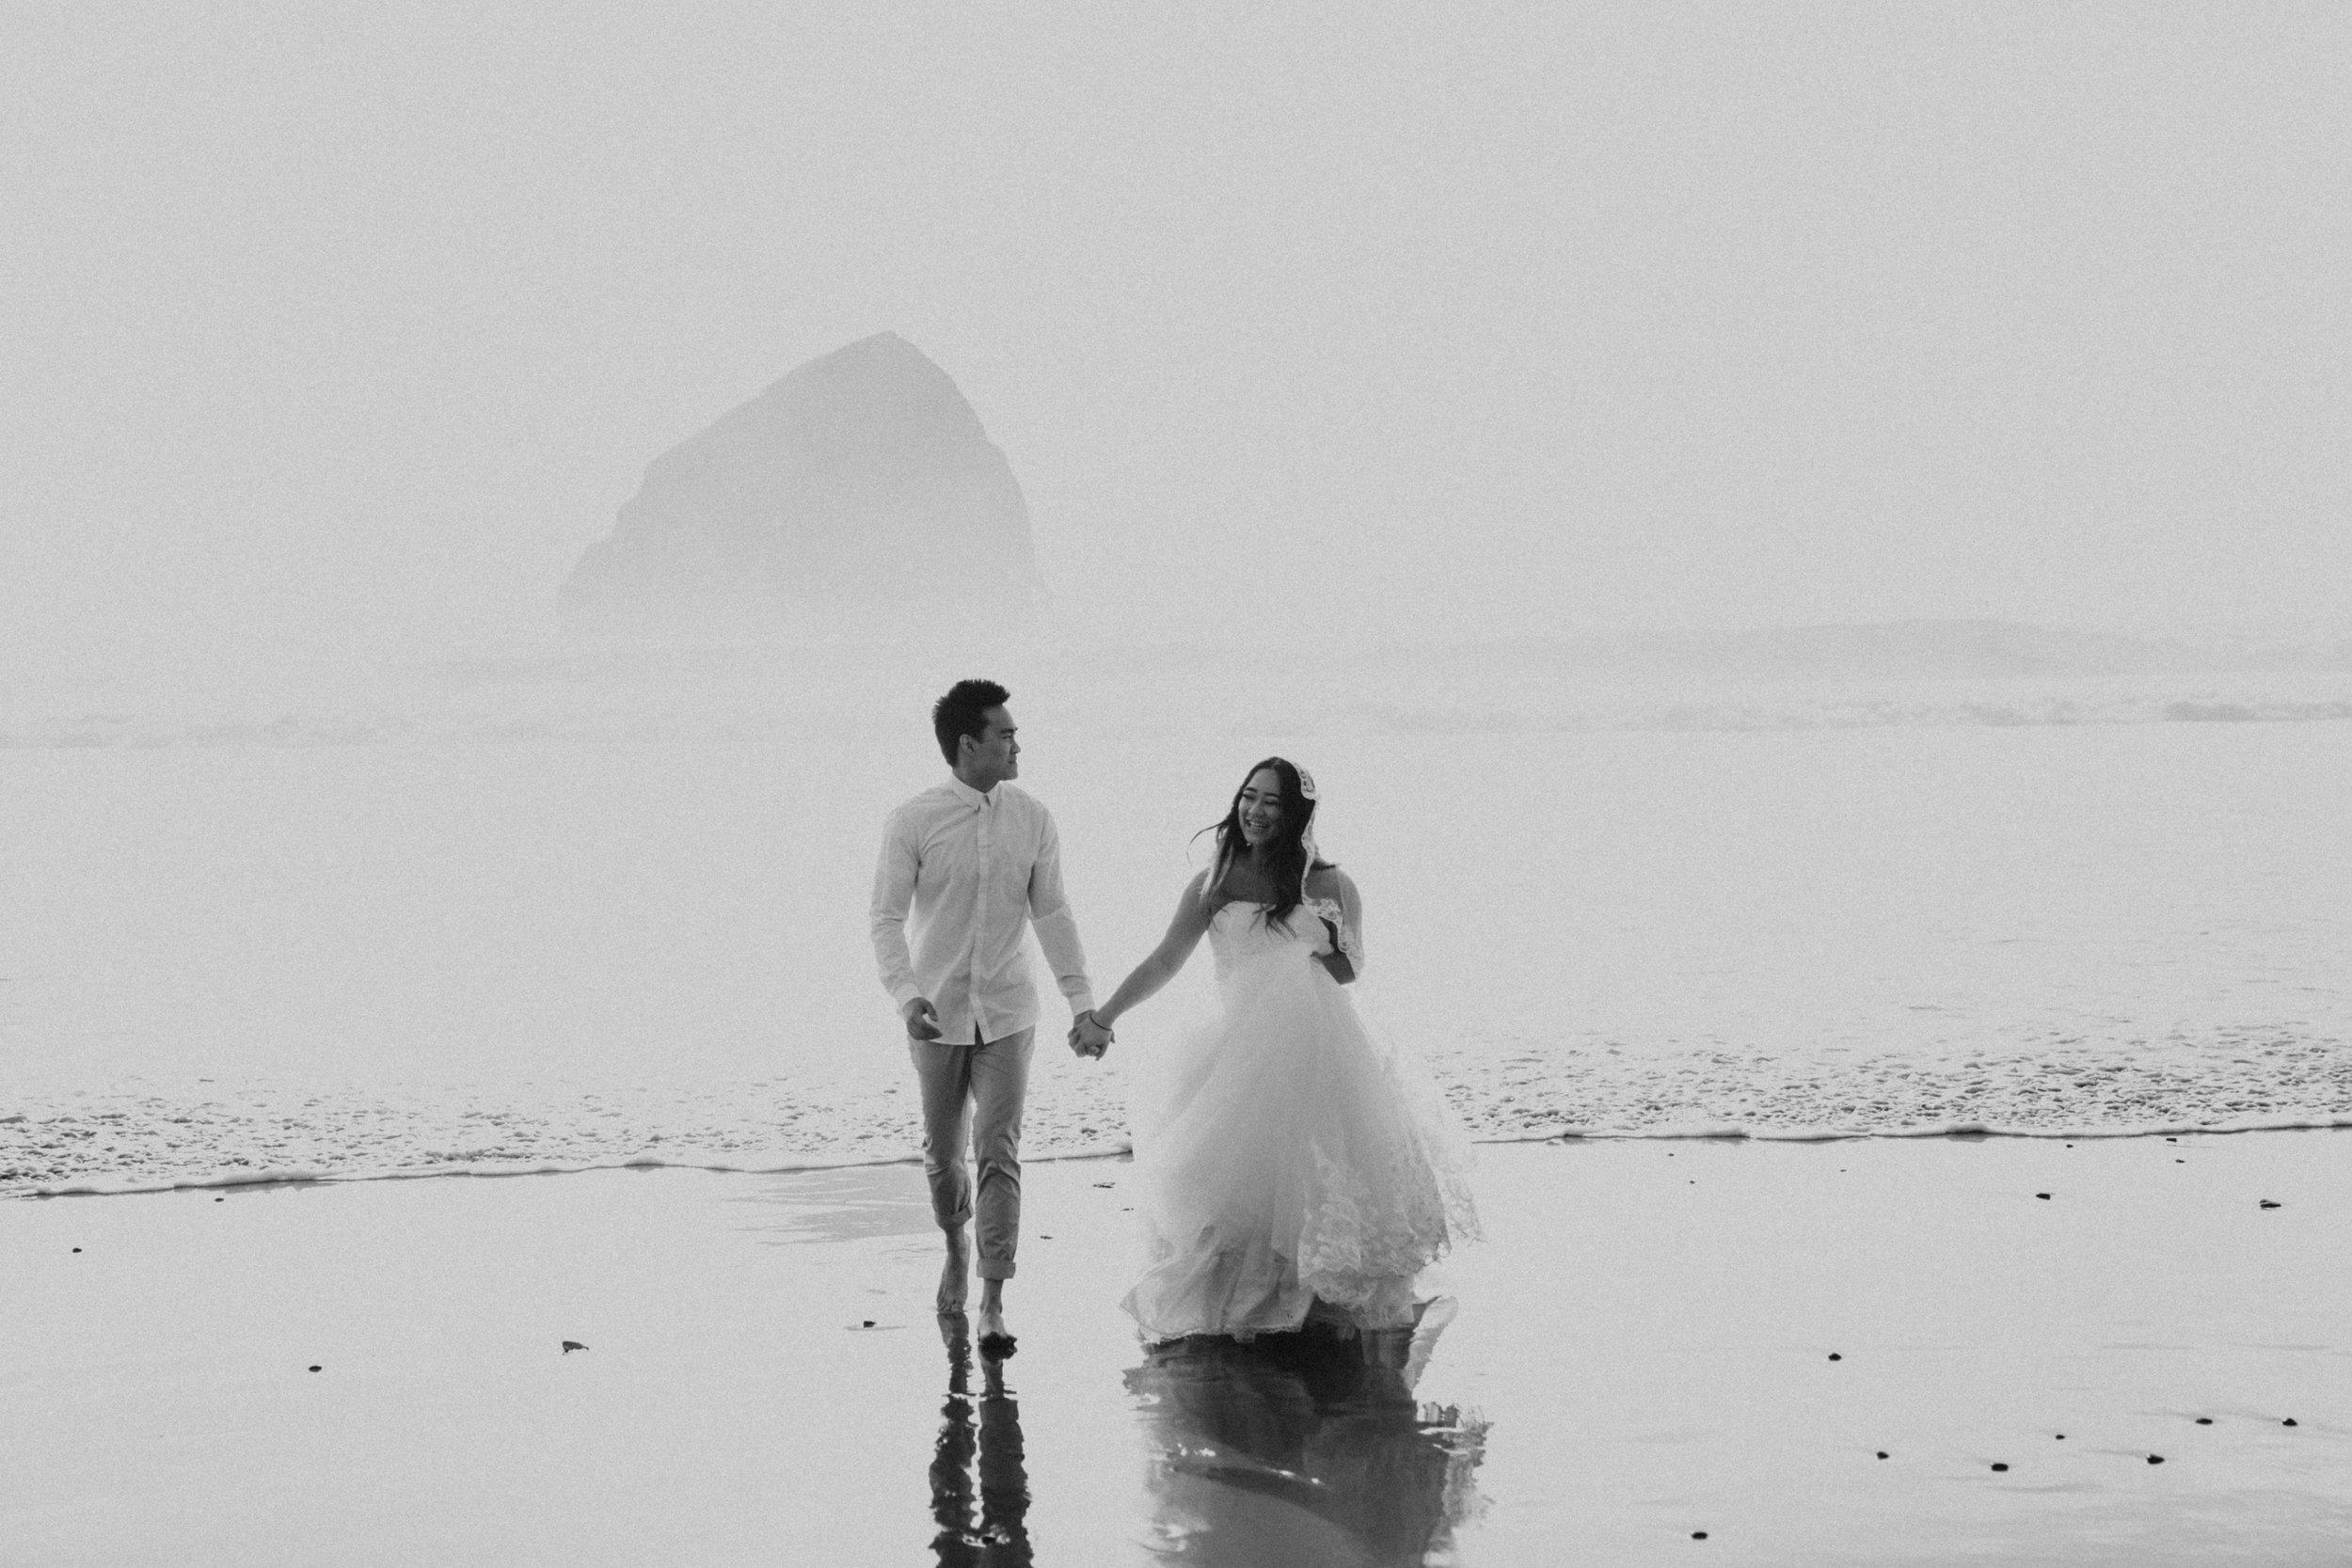 cape-kiwanda-beach-oregon-elopement